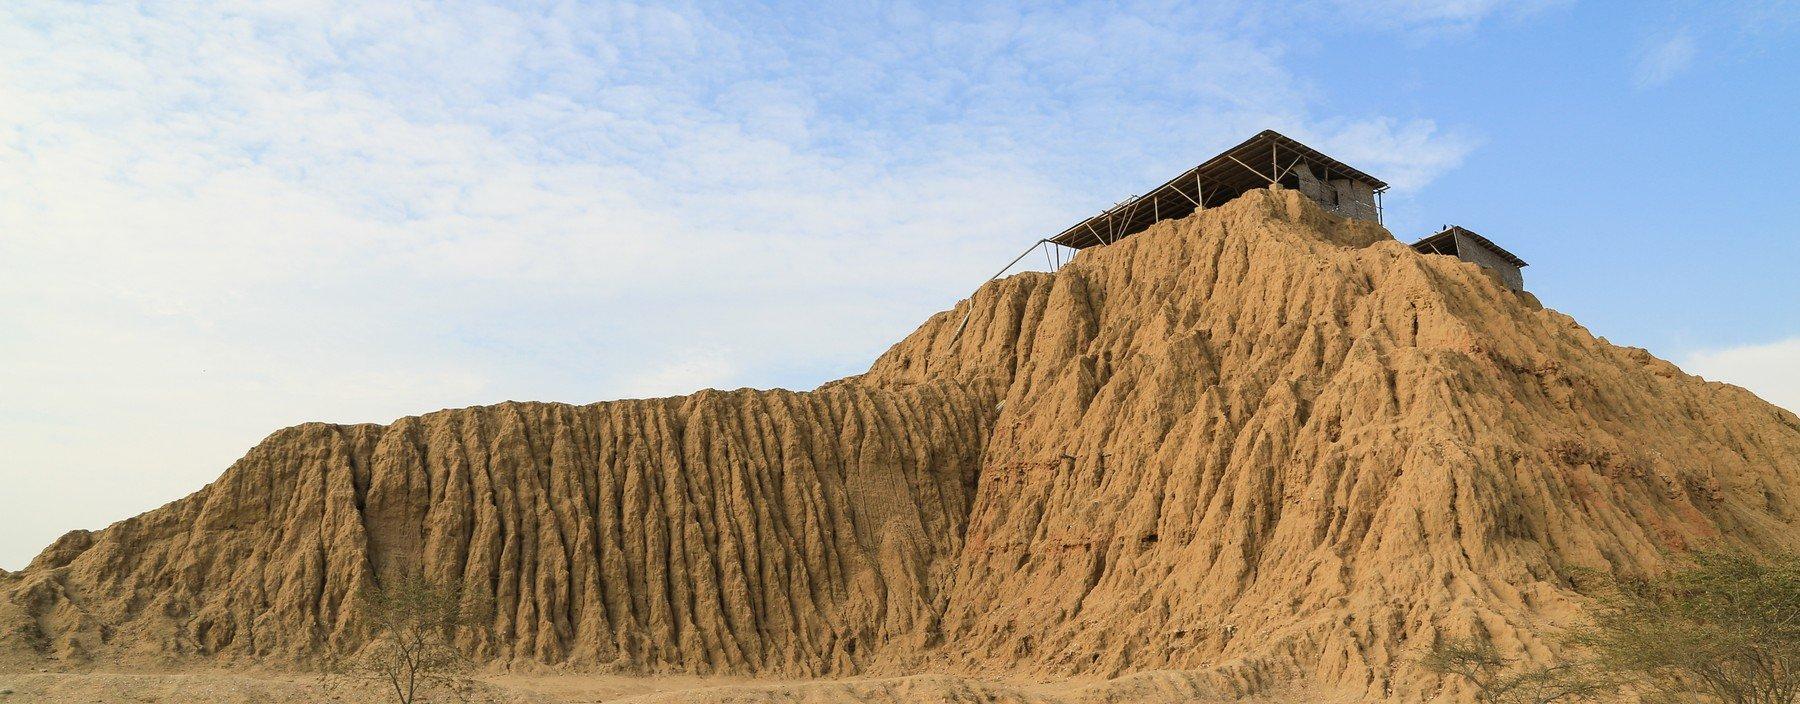 pe, chiclayo, tucume vallei van de piramiden (1).jpg